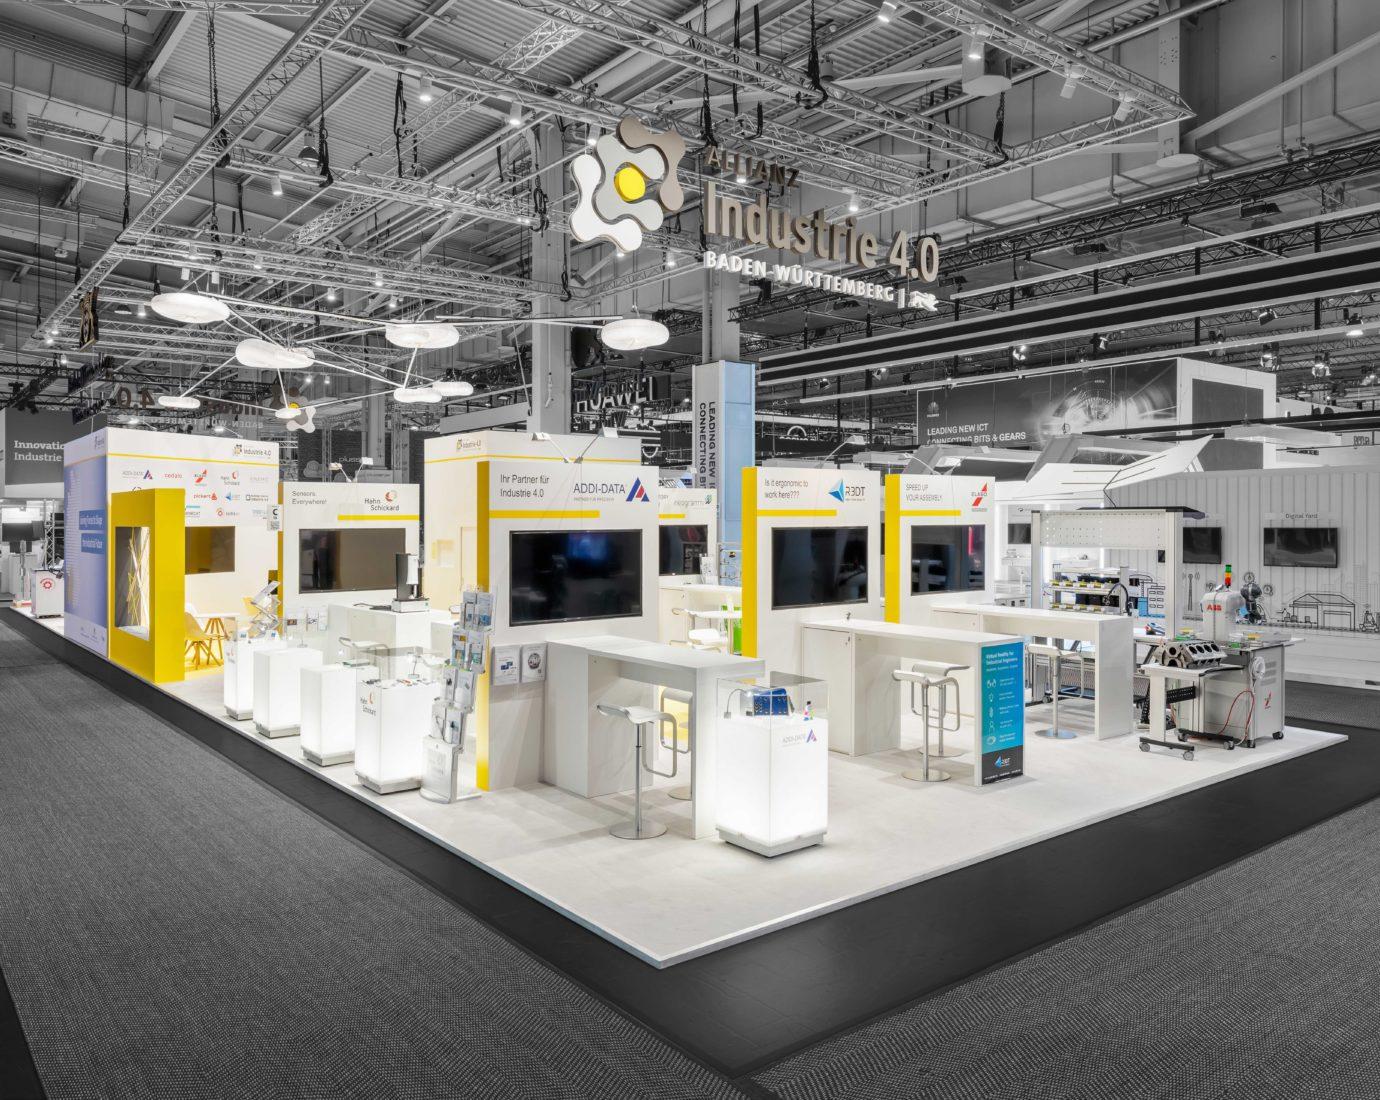 DIMAH Messe + Event Allianz Industrie 4.0 Baden-Württemberg Messeauftritt